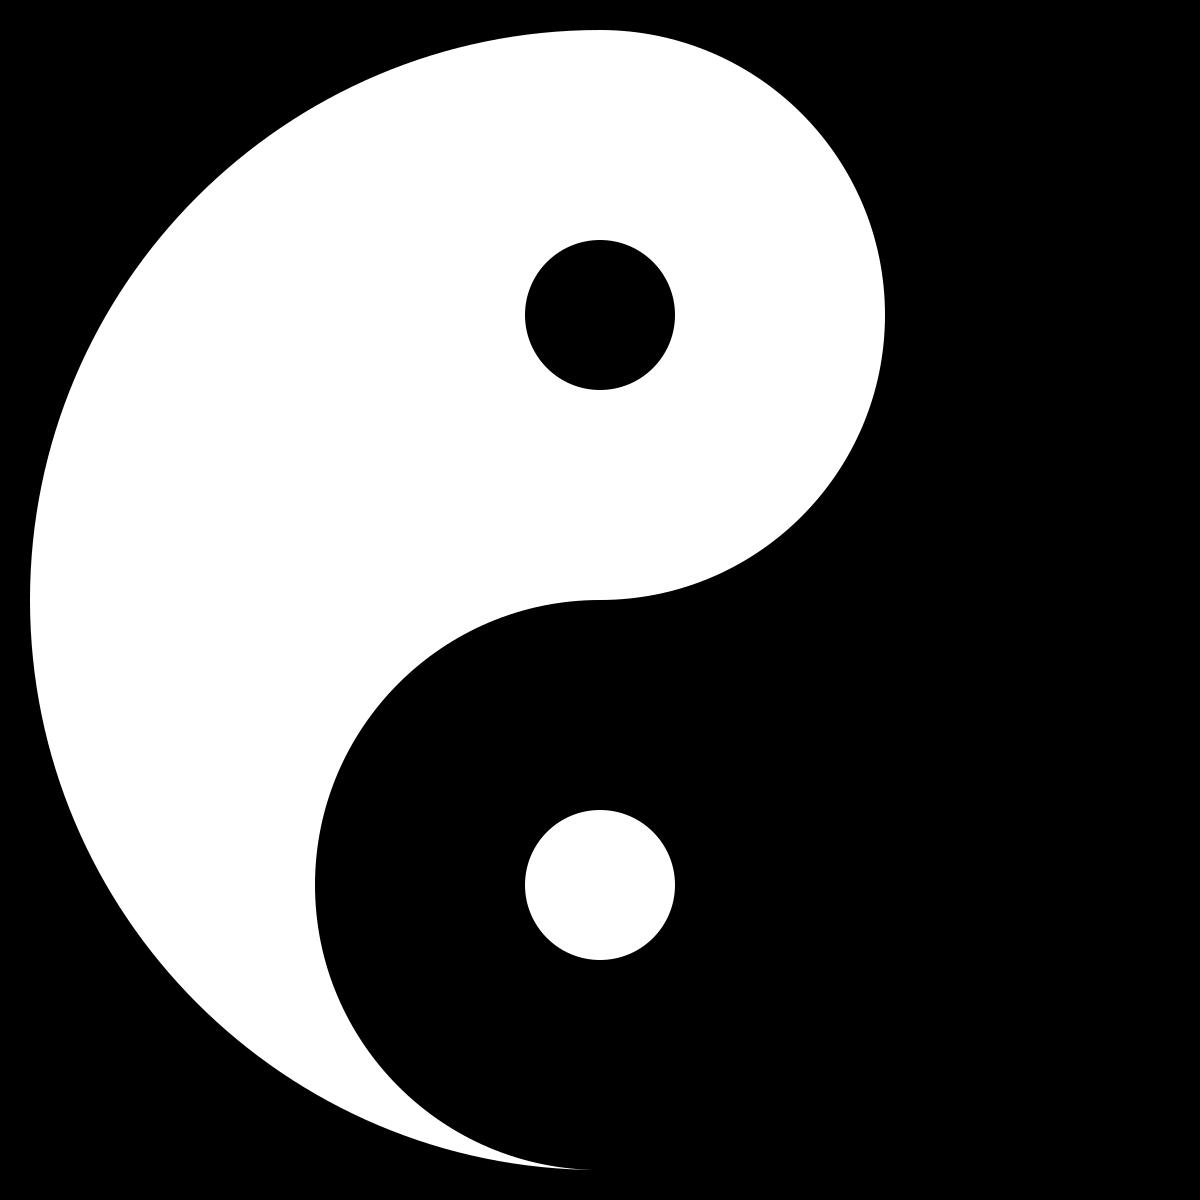 Apple yin yang clipart banner stock Yin and yang - Wikipedia banner stock